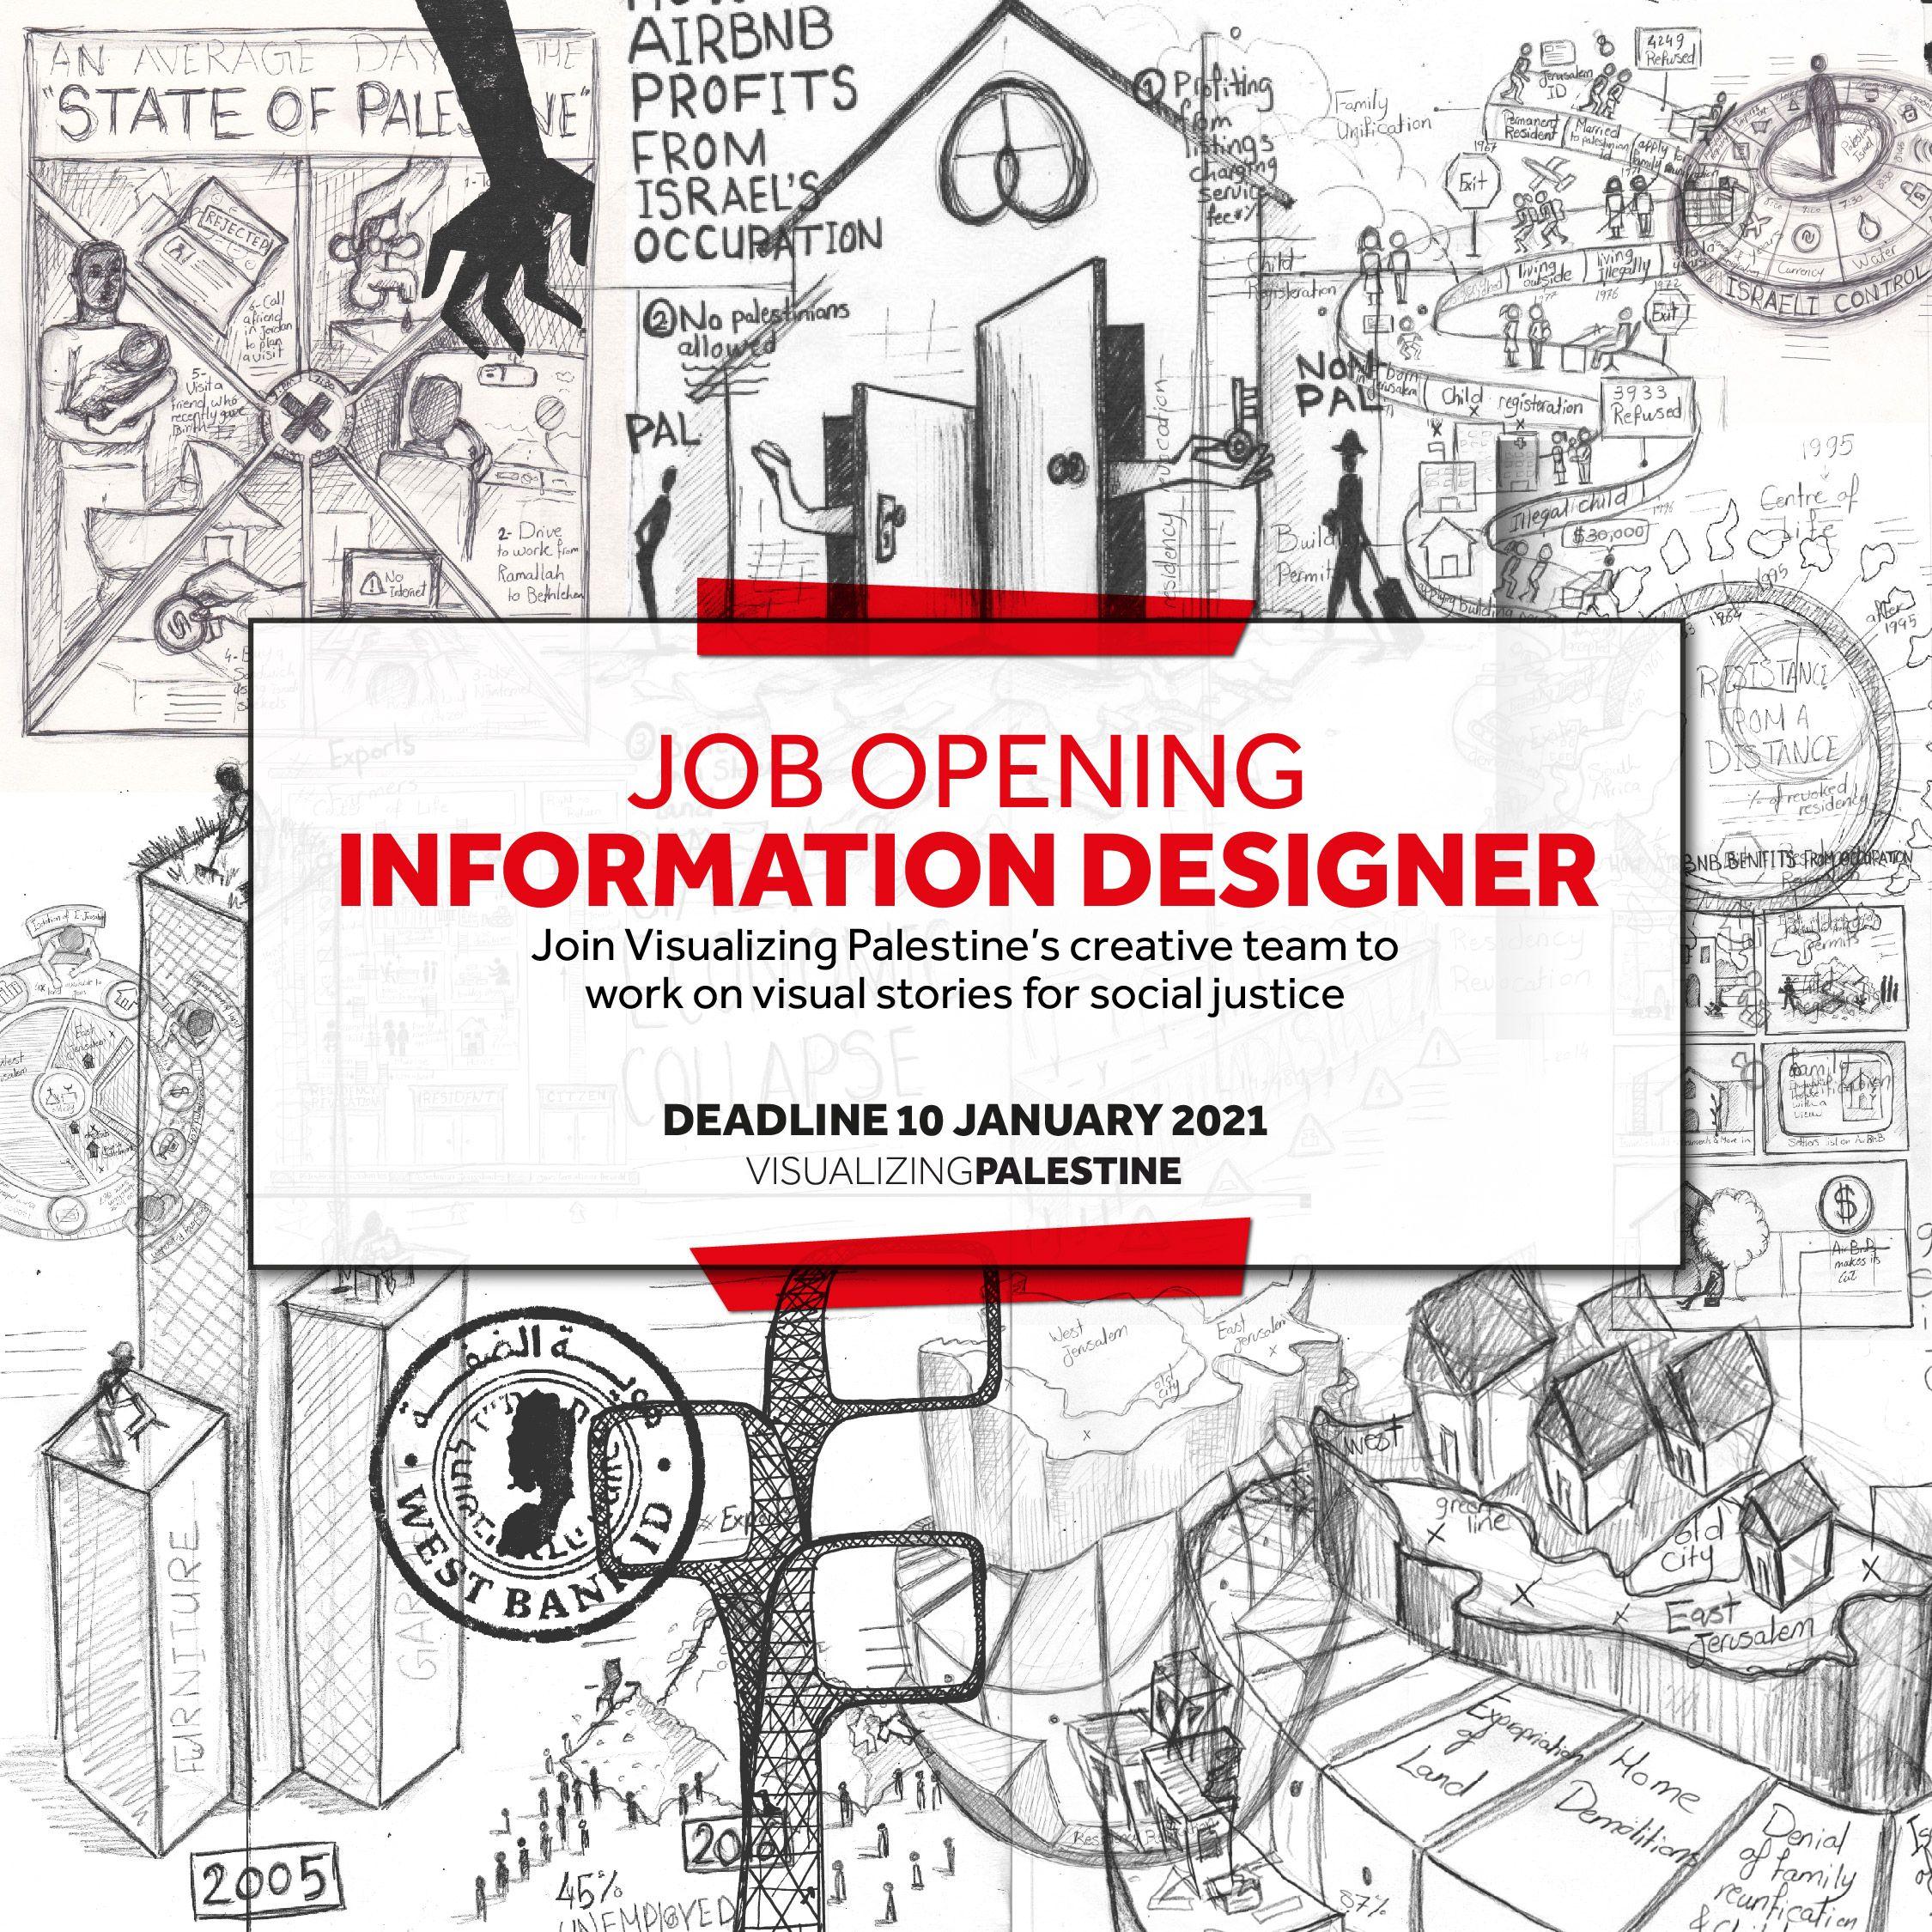 Information Designer